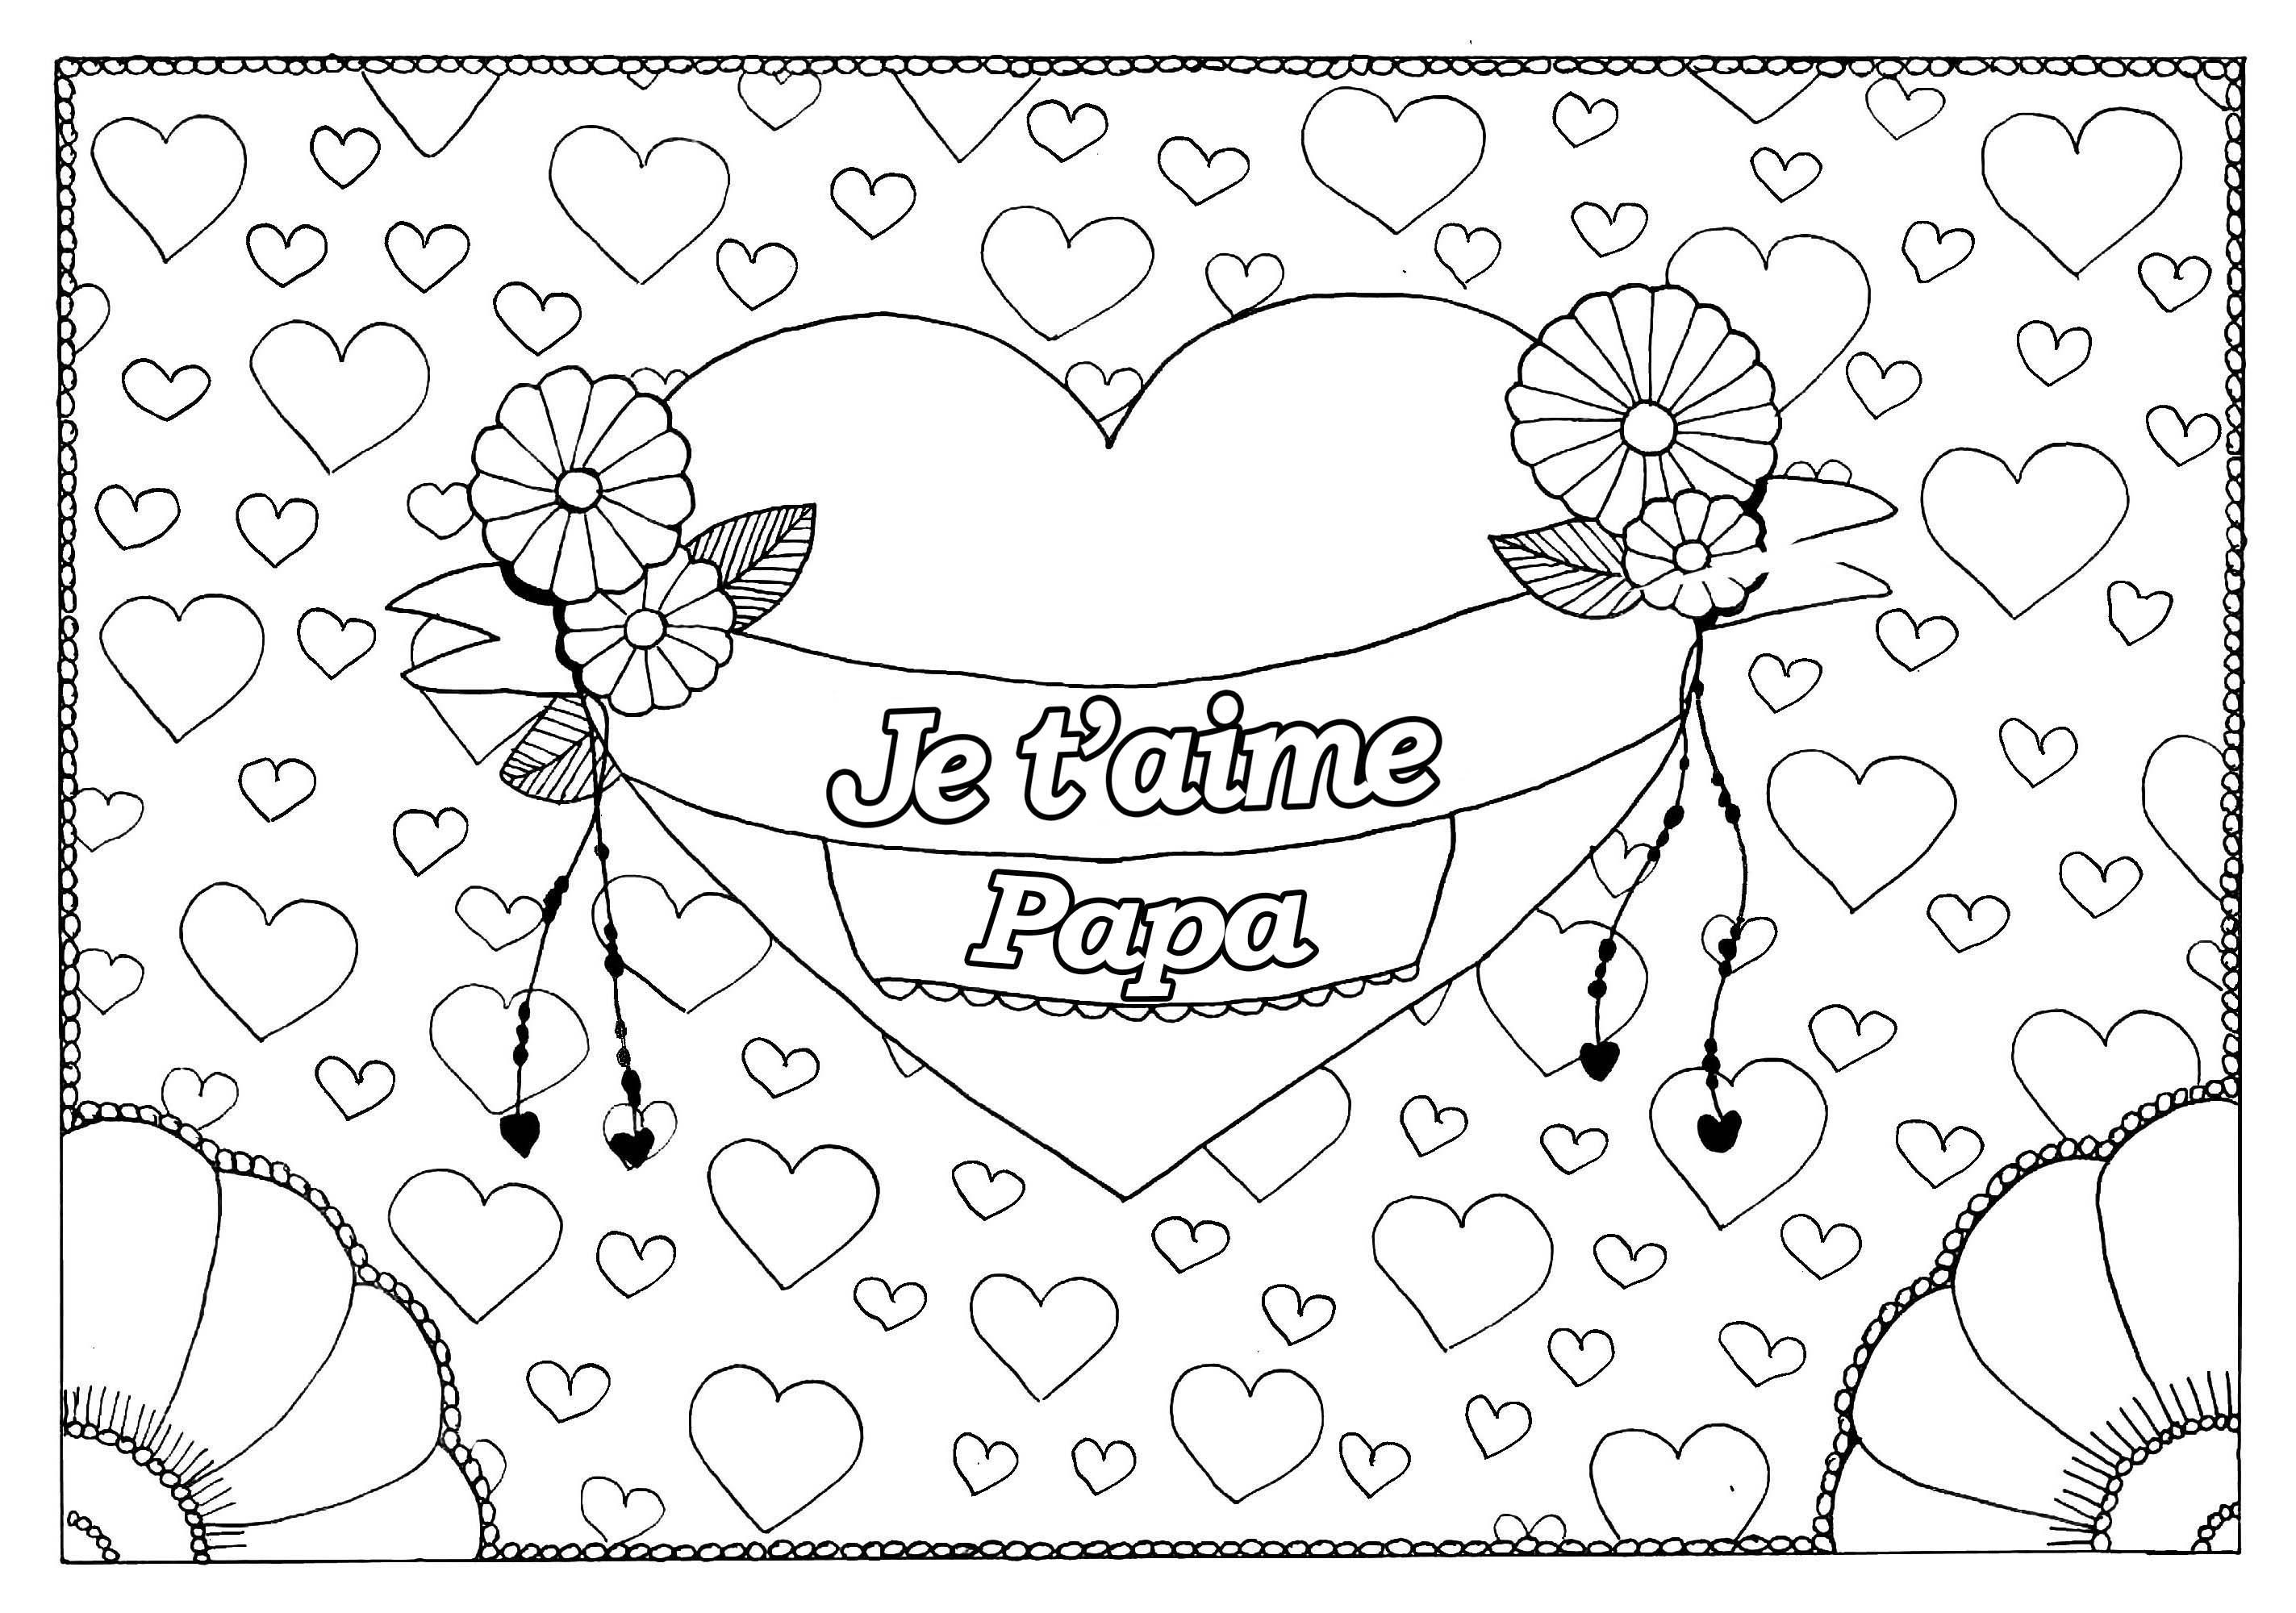 Coloriage spécial Fête des pères : Gros coeur et petits coeurs - 1